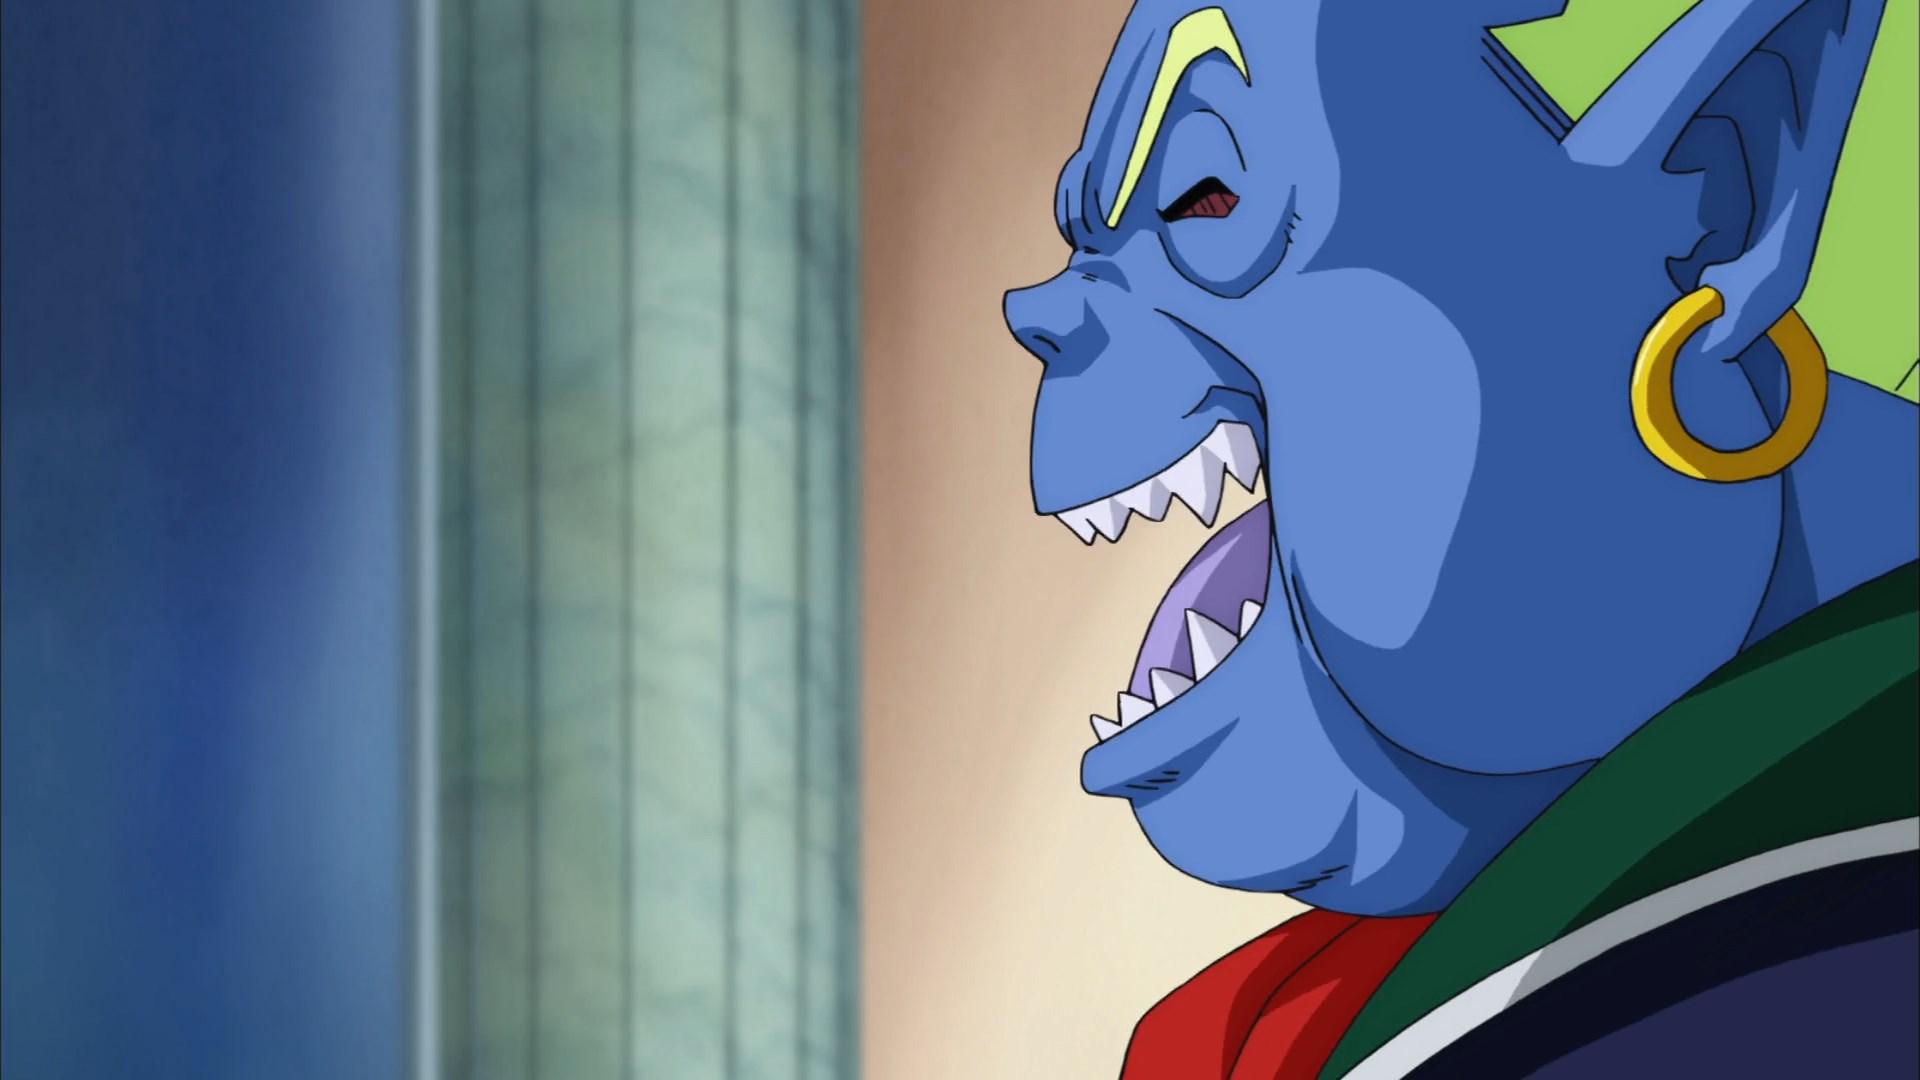 [DS] Dragon Ball Super 070 [1080p].mkv_snapshot_23.02_[2016.12.11_04.00.57]